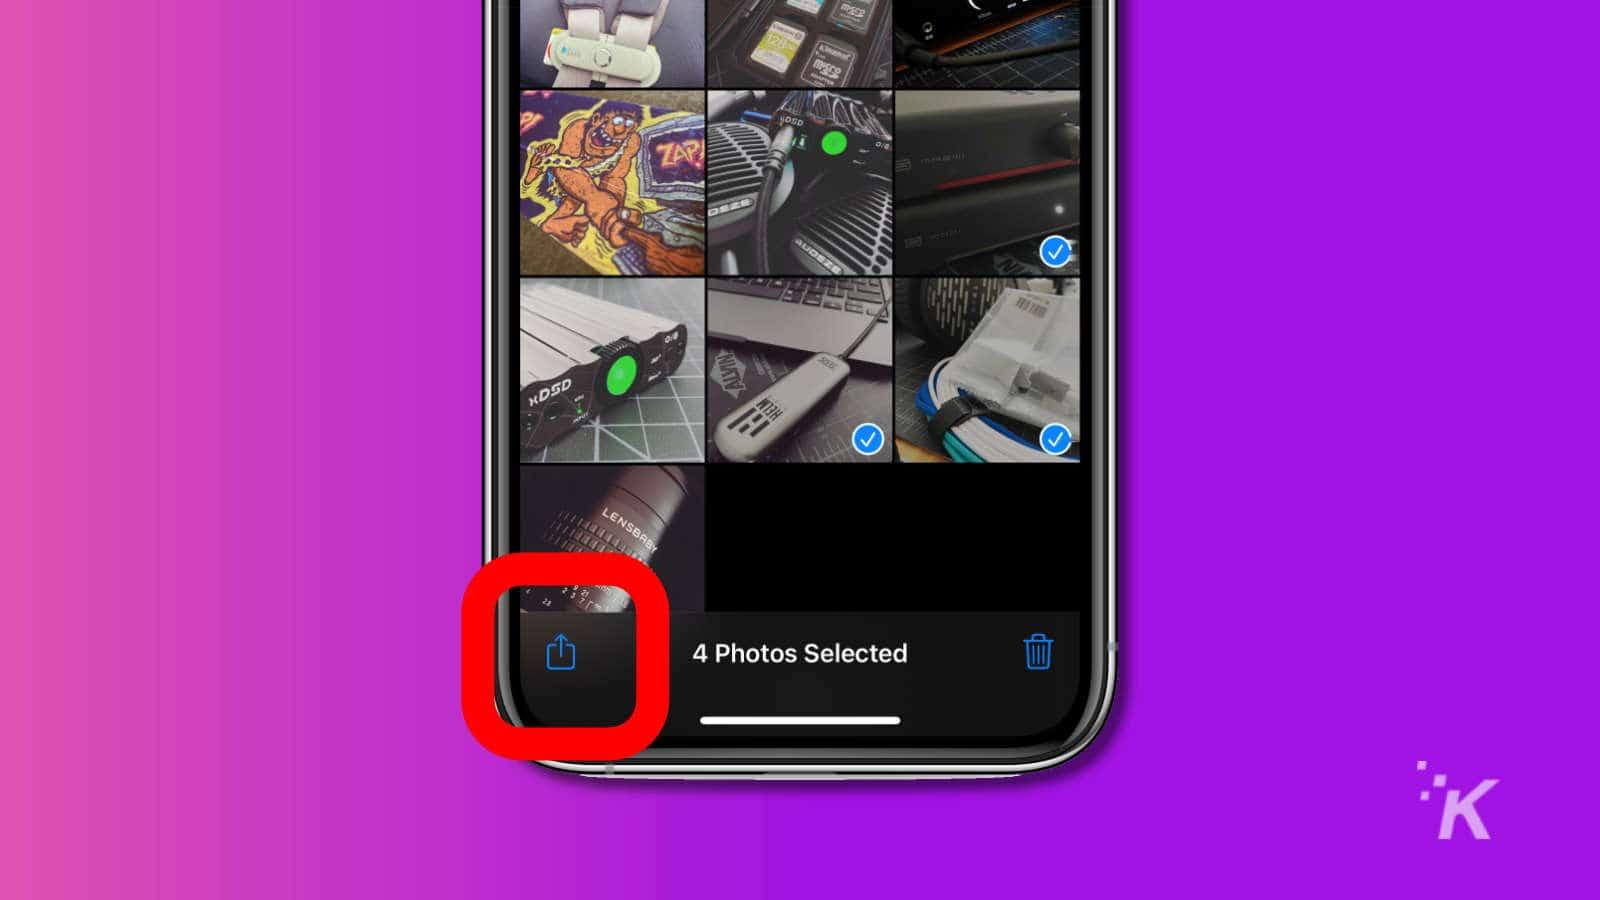 apple photos share button